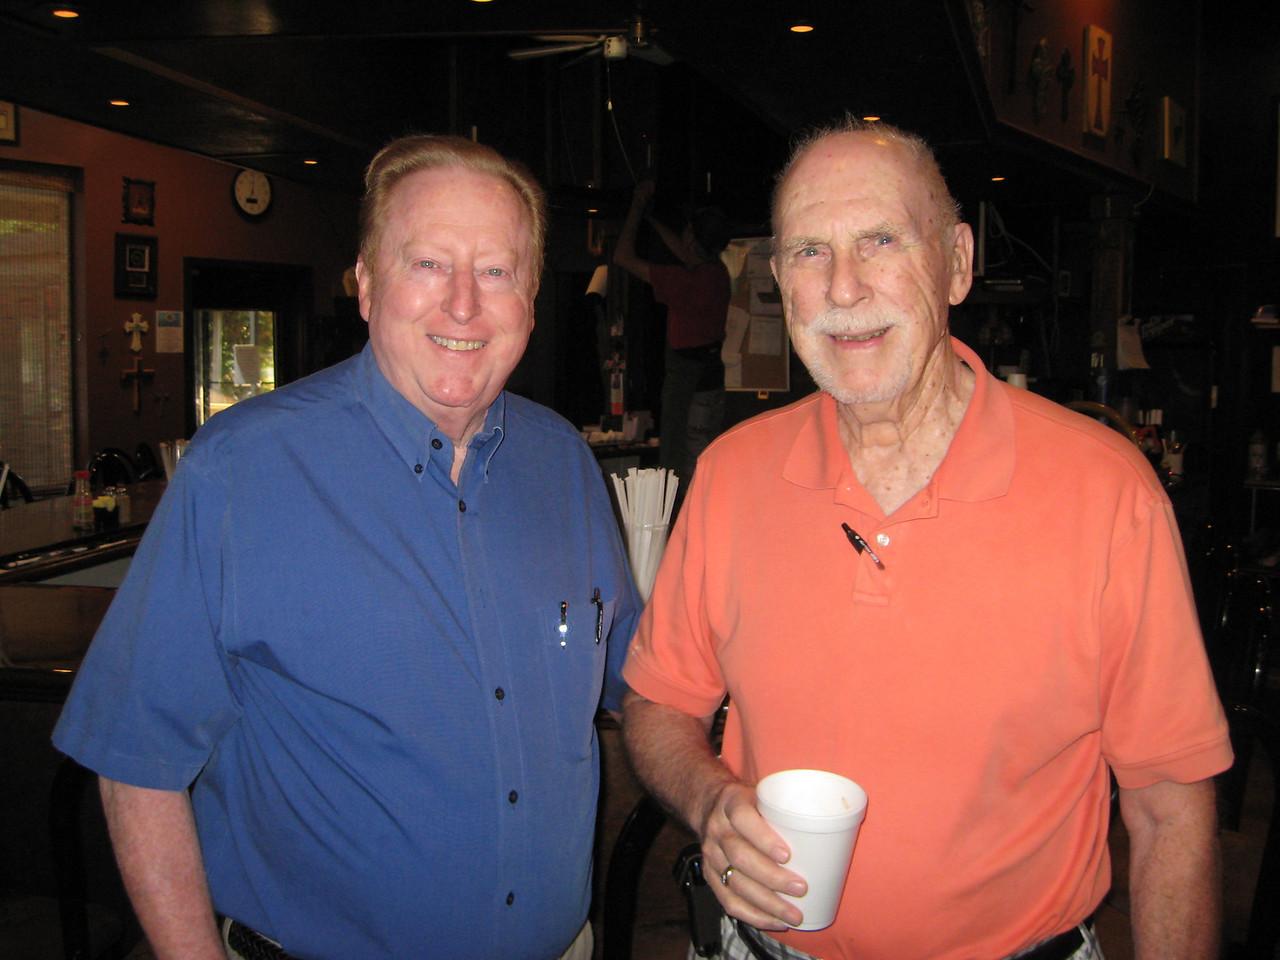 Dan younger & Dick Bennett